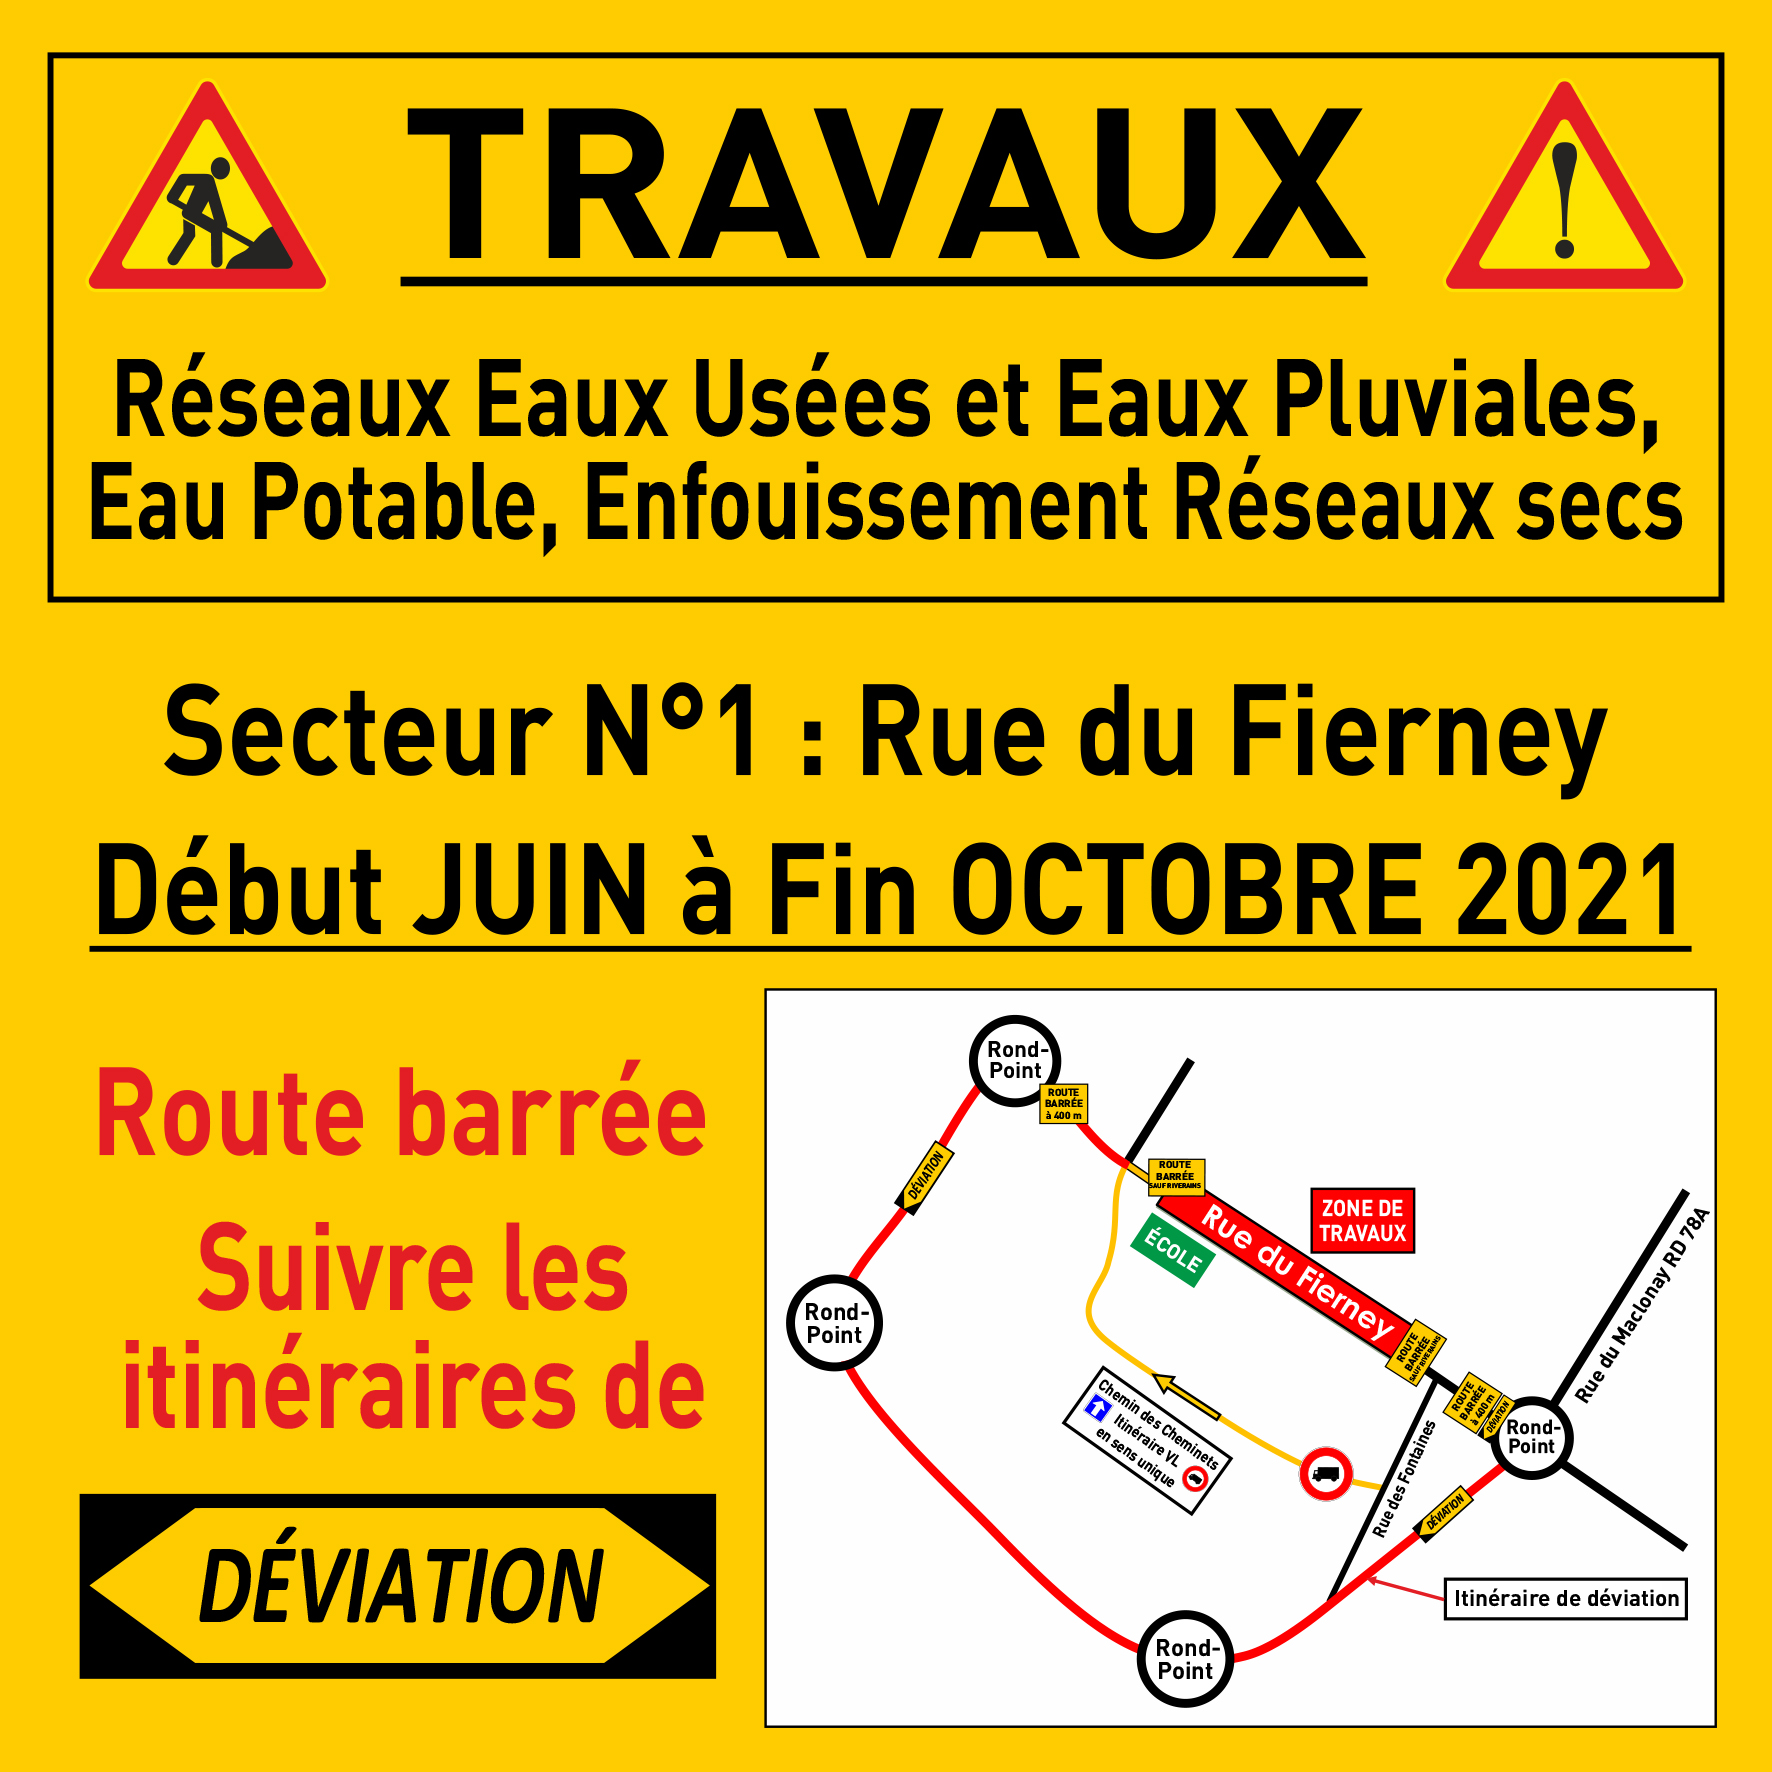 travaux_rue_du_fierney_05_21-1.jpg